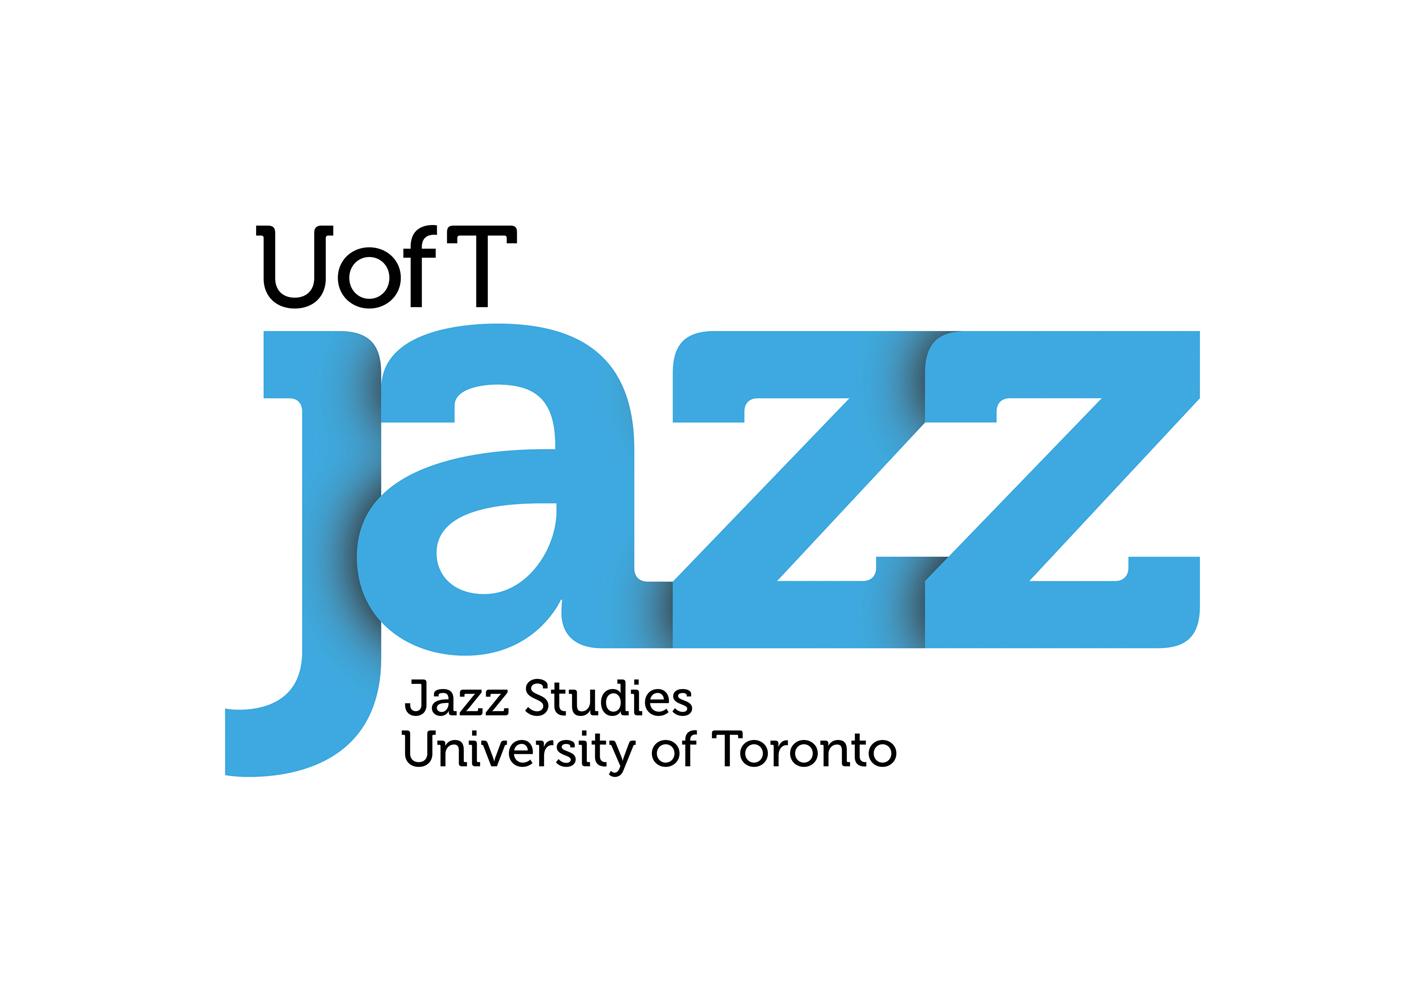 uoft-jazz-blue_large.jpeg